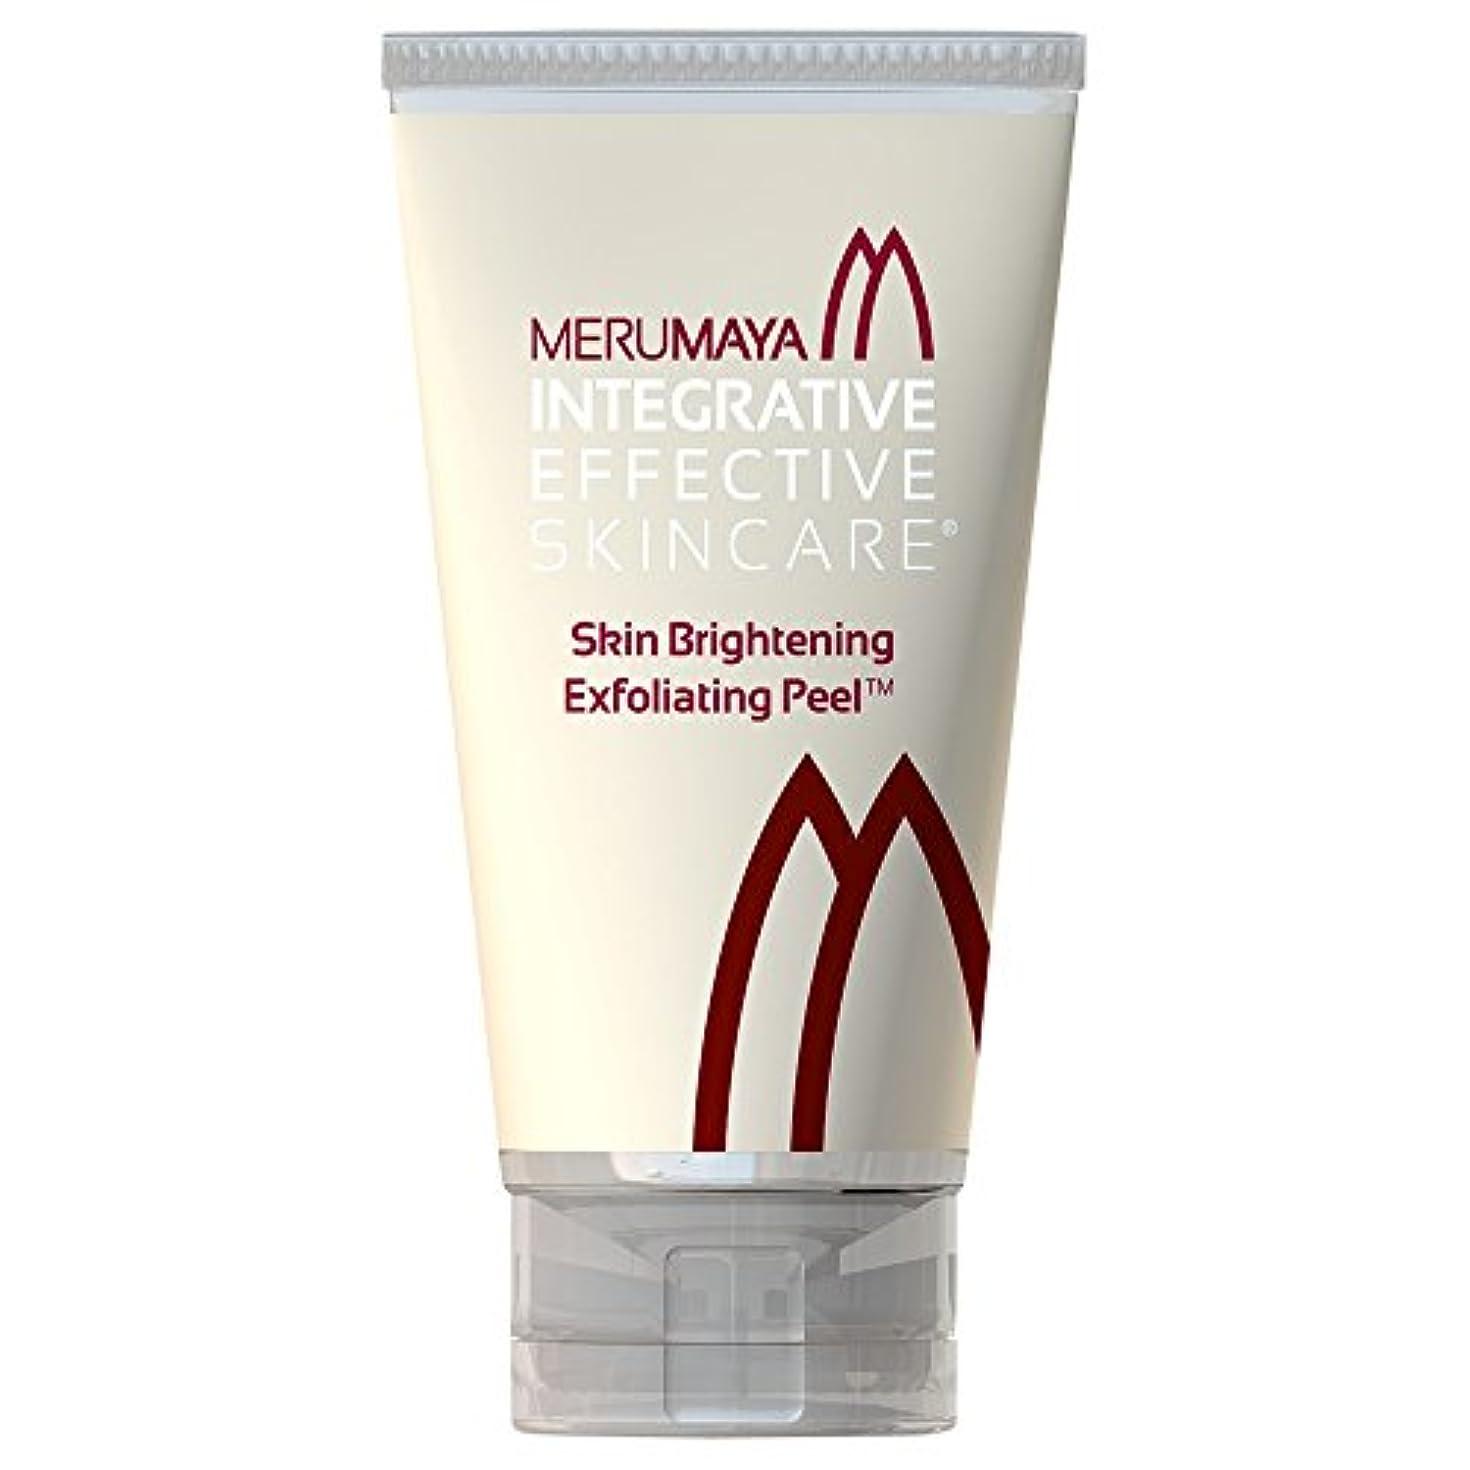 修正準拠無条件Merumayaスキンブライトニングピーリング剥離?の50ミリリットル (Merumaya) (x2) - MERUMAYA Skin Brightening Exfoliating Peel? 50ml (Pack of...